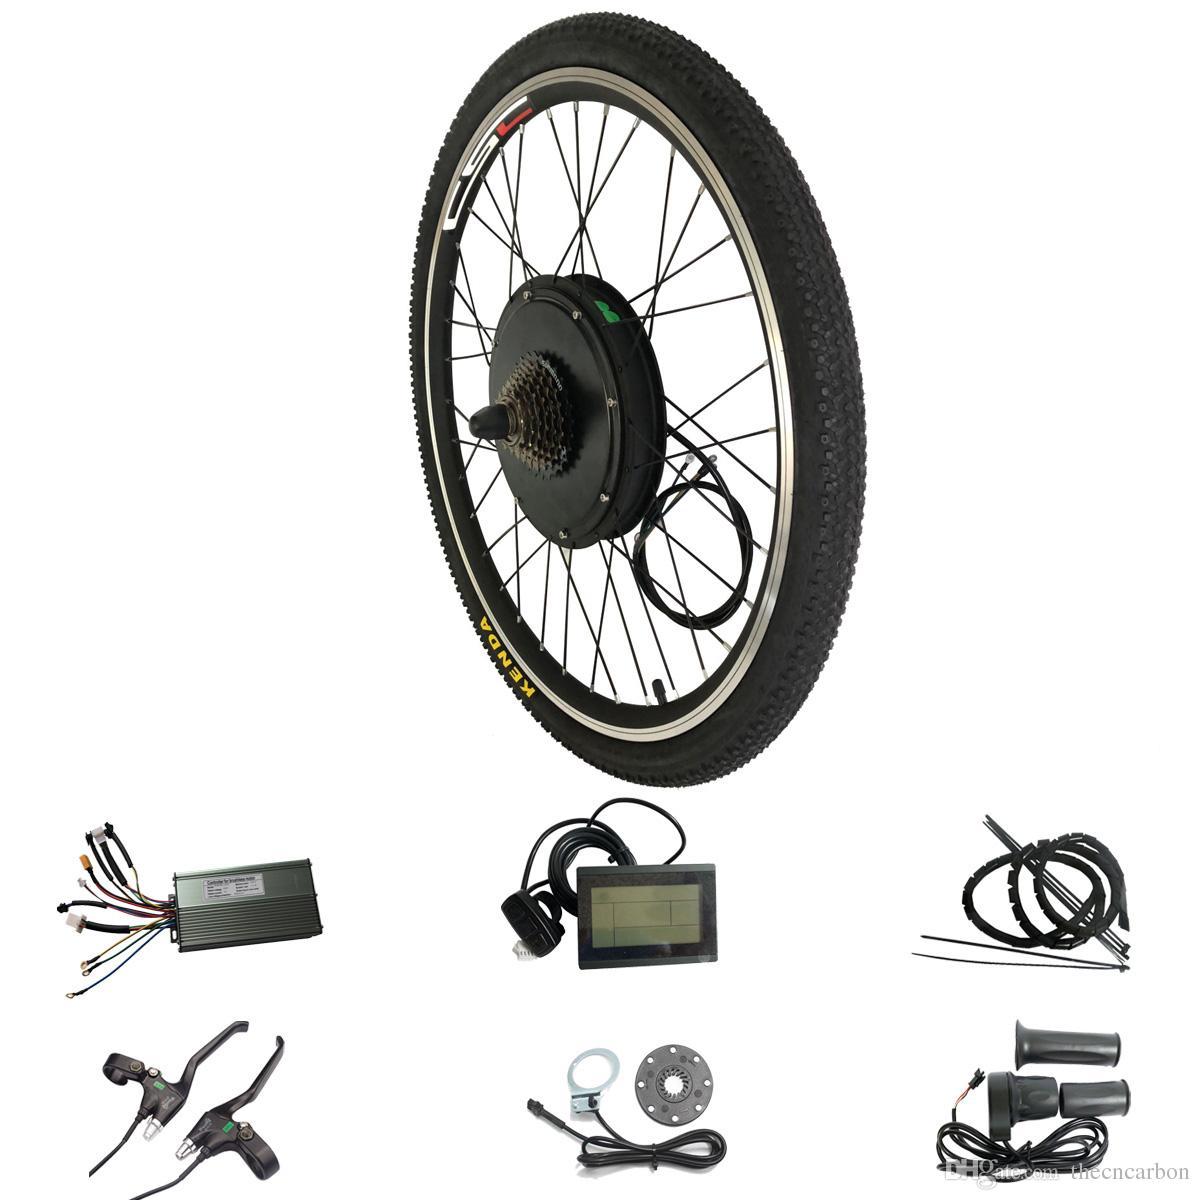 Kit de VTT électrique pour écran LCD 48V 1500W pour 20 24 26 700C 28 Kit de conversion pour vélo de roue arrière arrière de 29 pouces